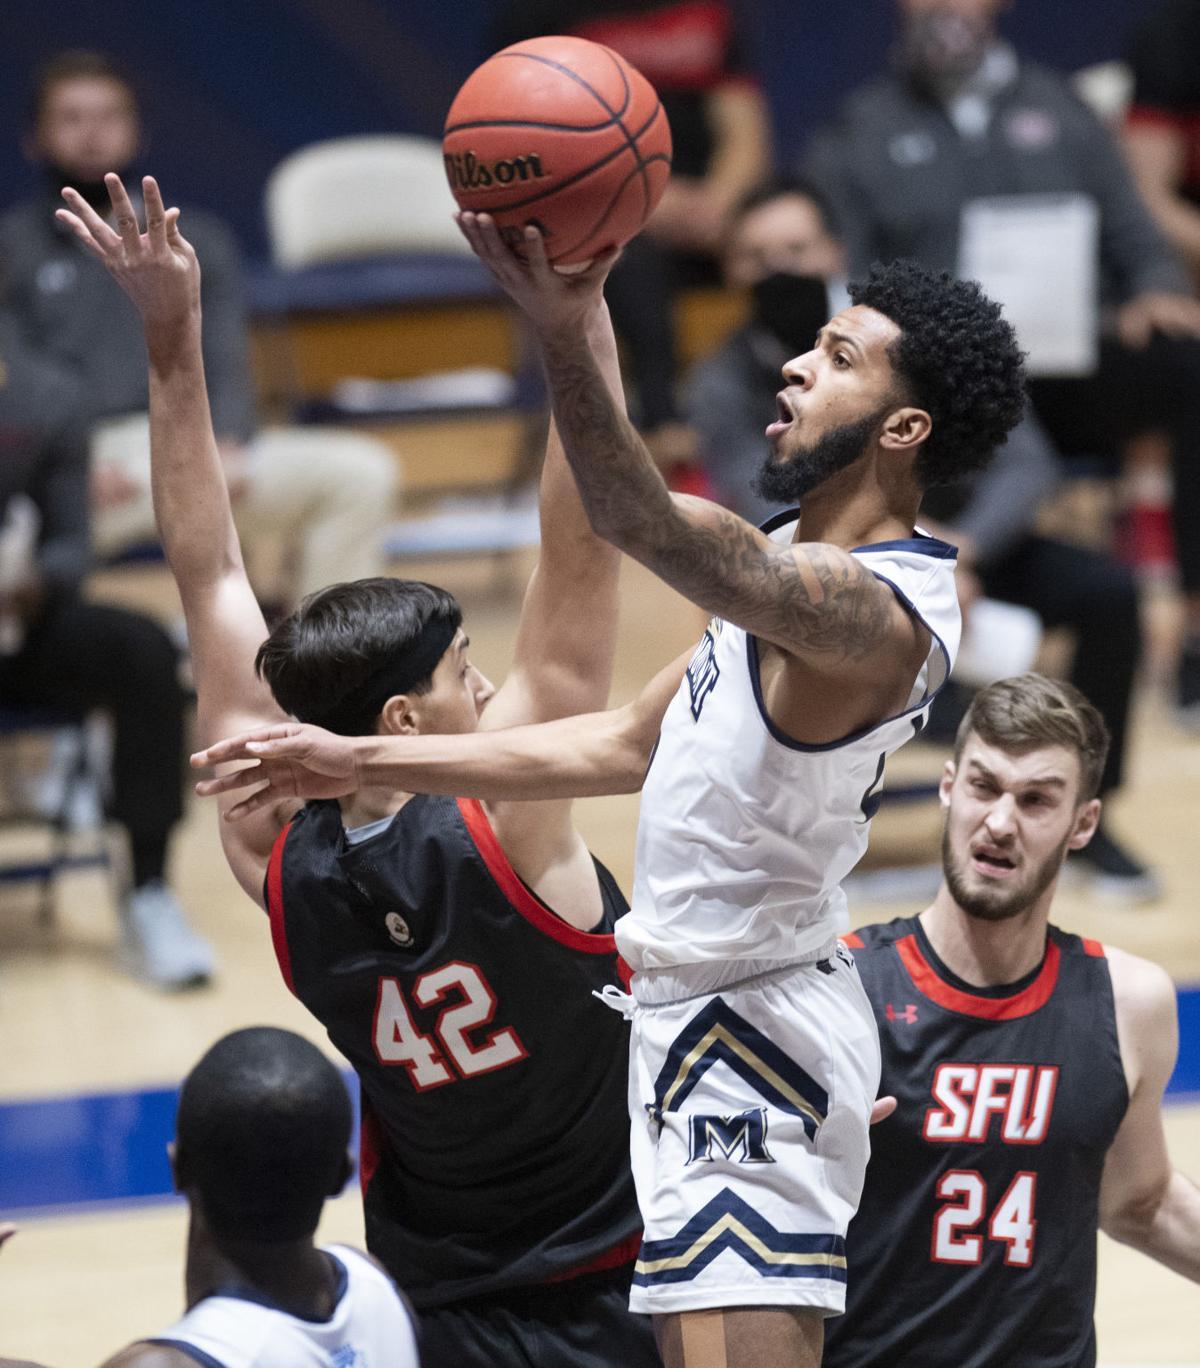 GC Mount v SFU Men's Basketball 4.jpg